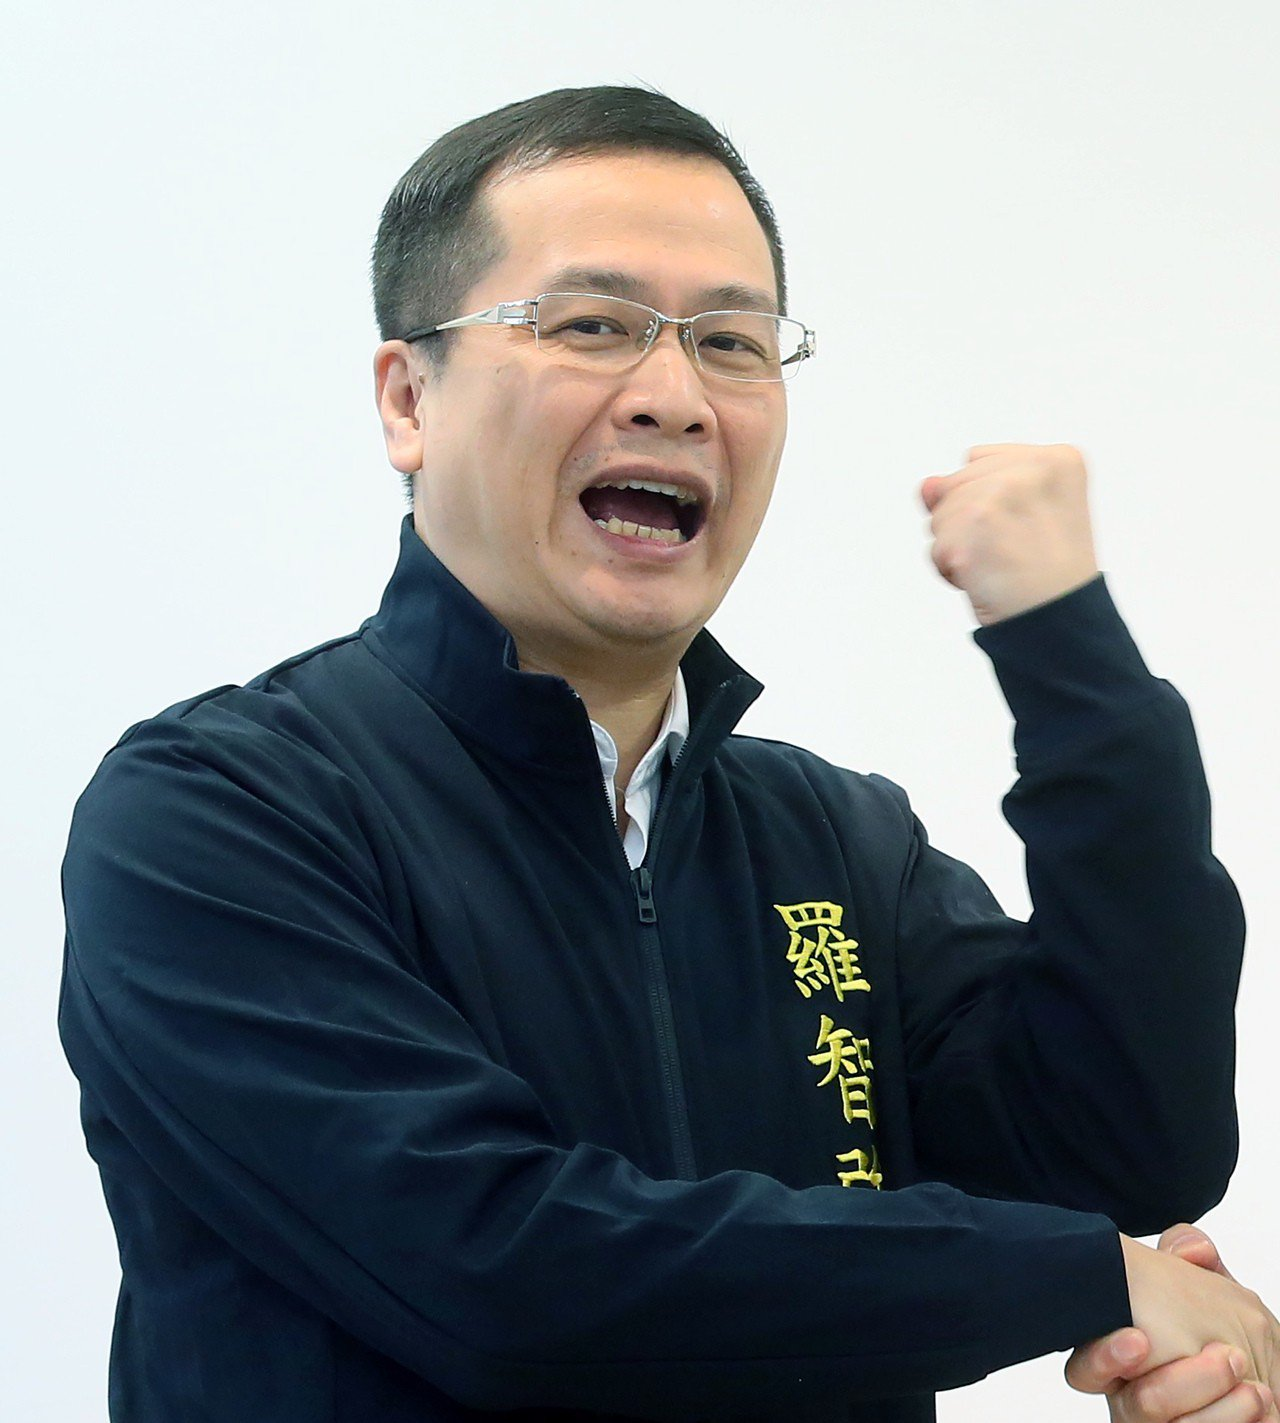 總統府前副秘書長羅智強今以「十年磨市長劍,從大安文山出發」為軸,宣布投入大安文山...